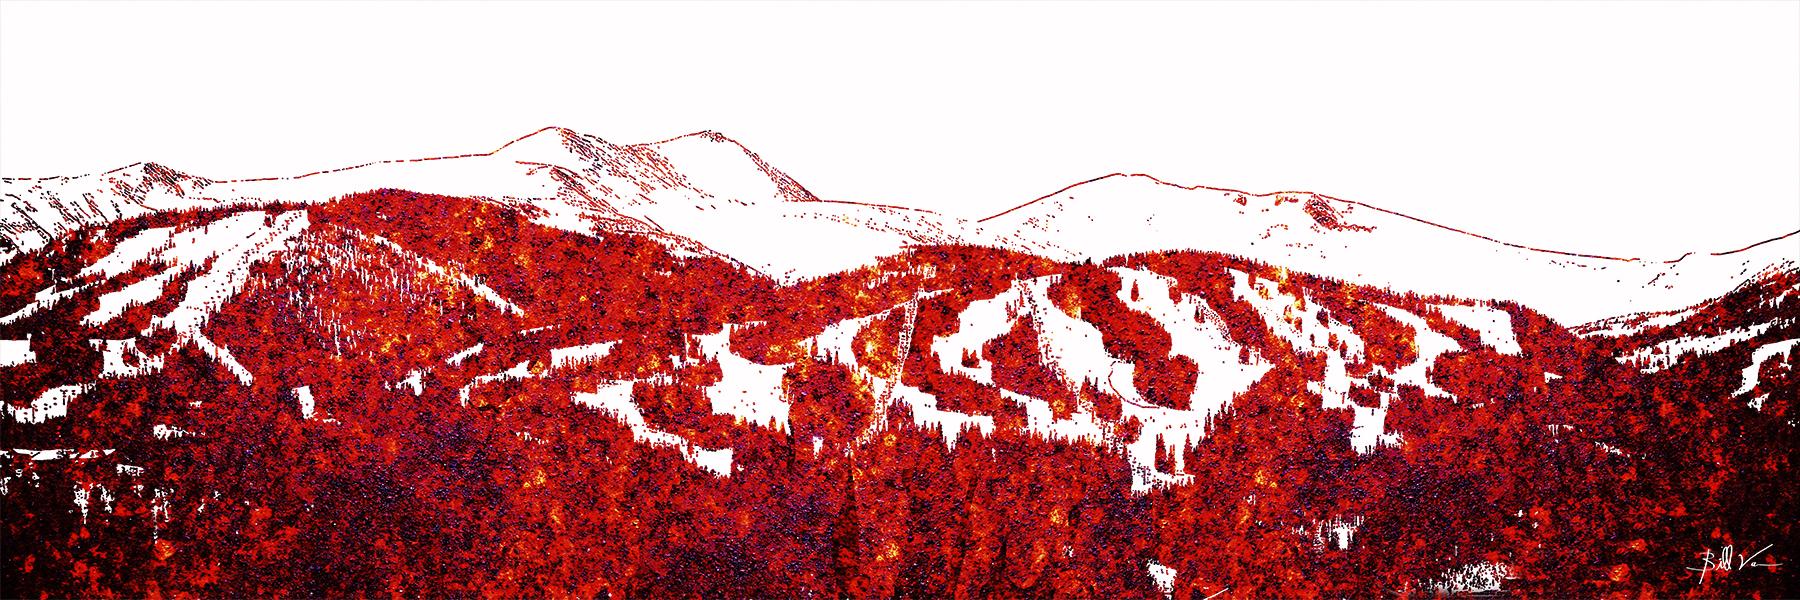 Peaks in Breck 4 x 12.jpg